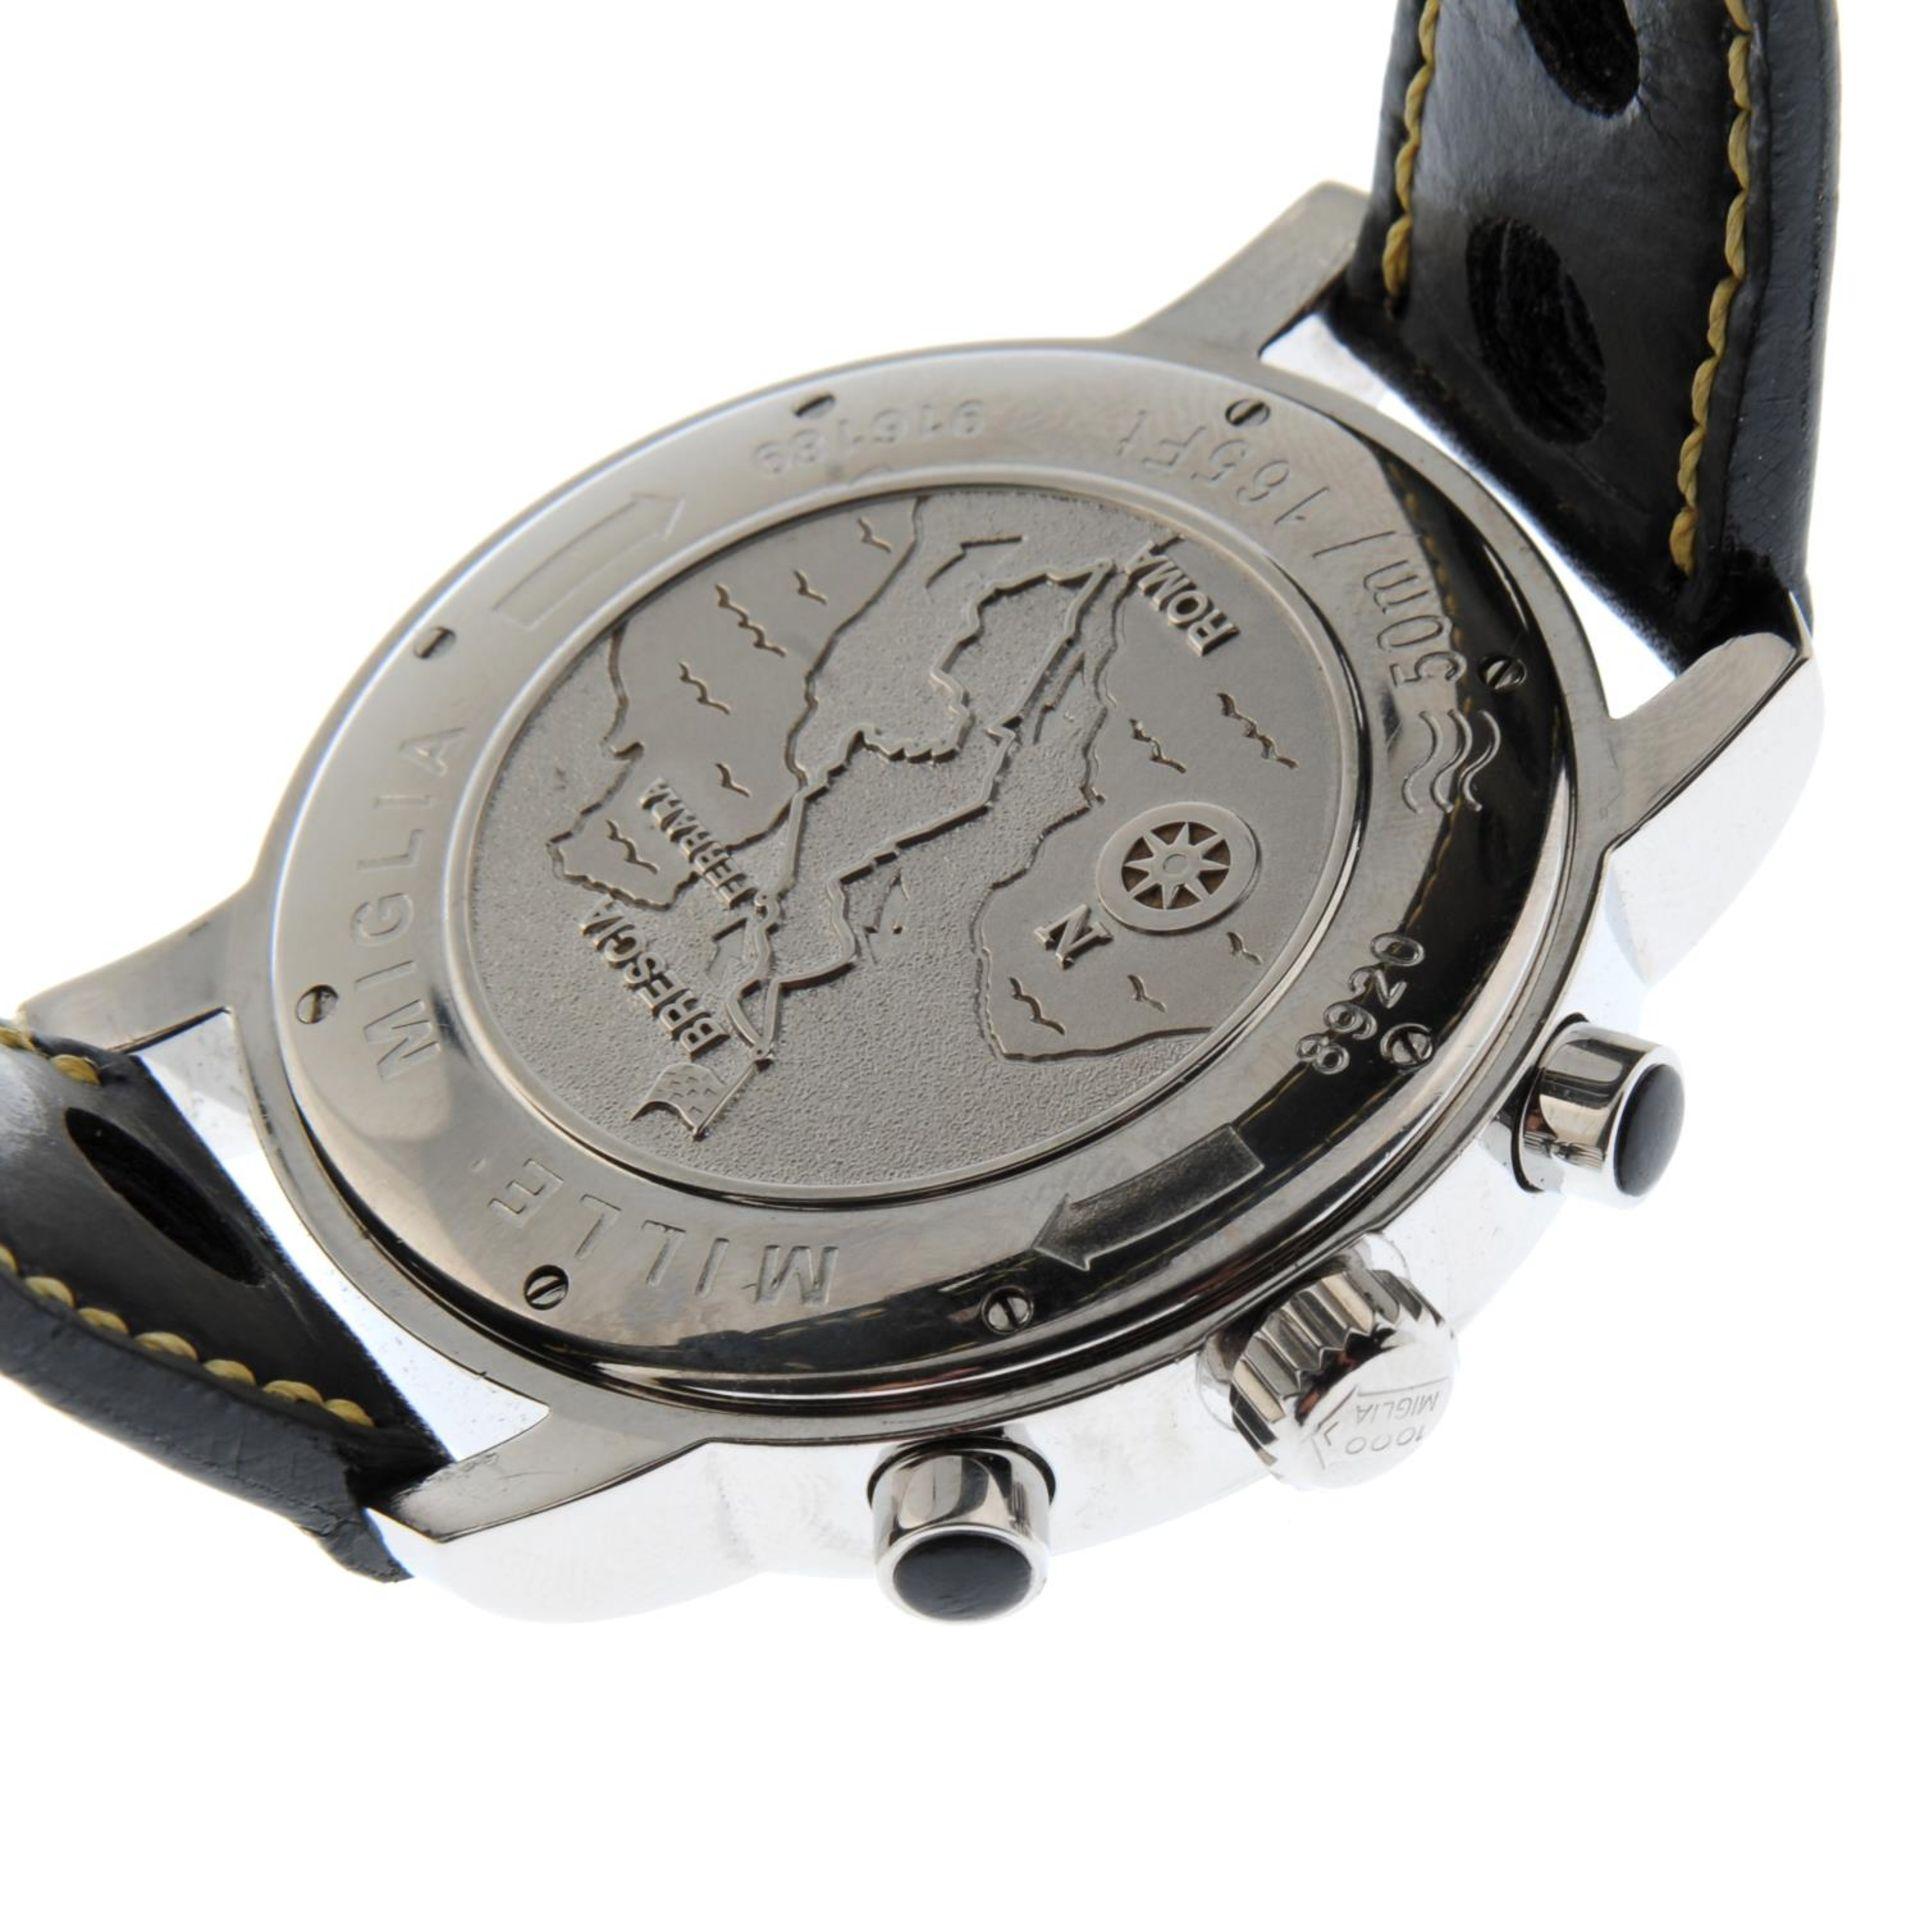 CHOPARD - a Mille Miglia chronograph wrist watch. - Bild 2 aus 6